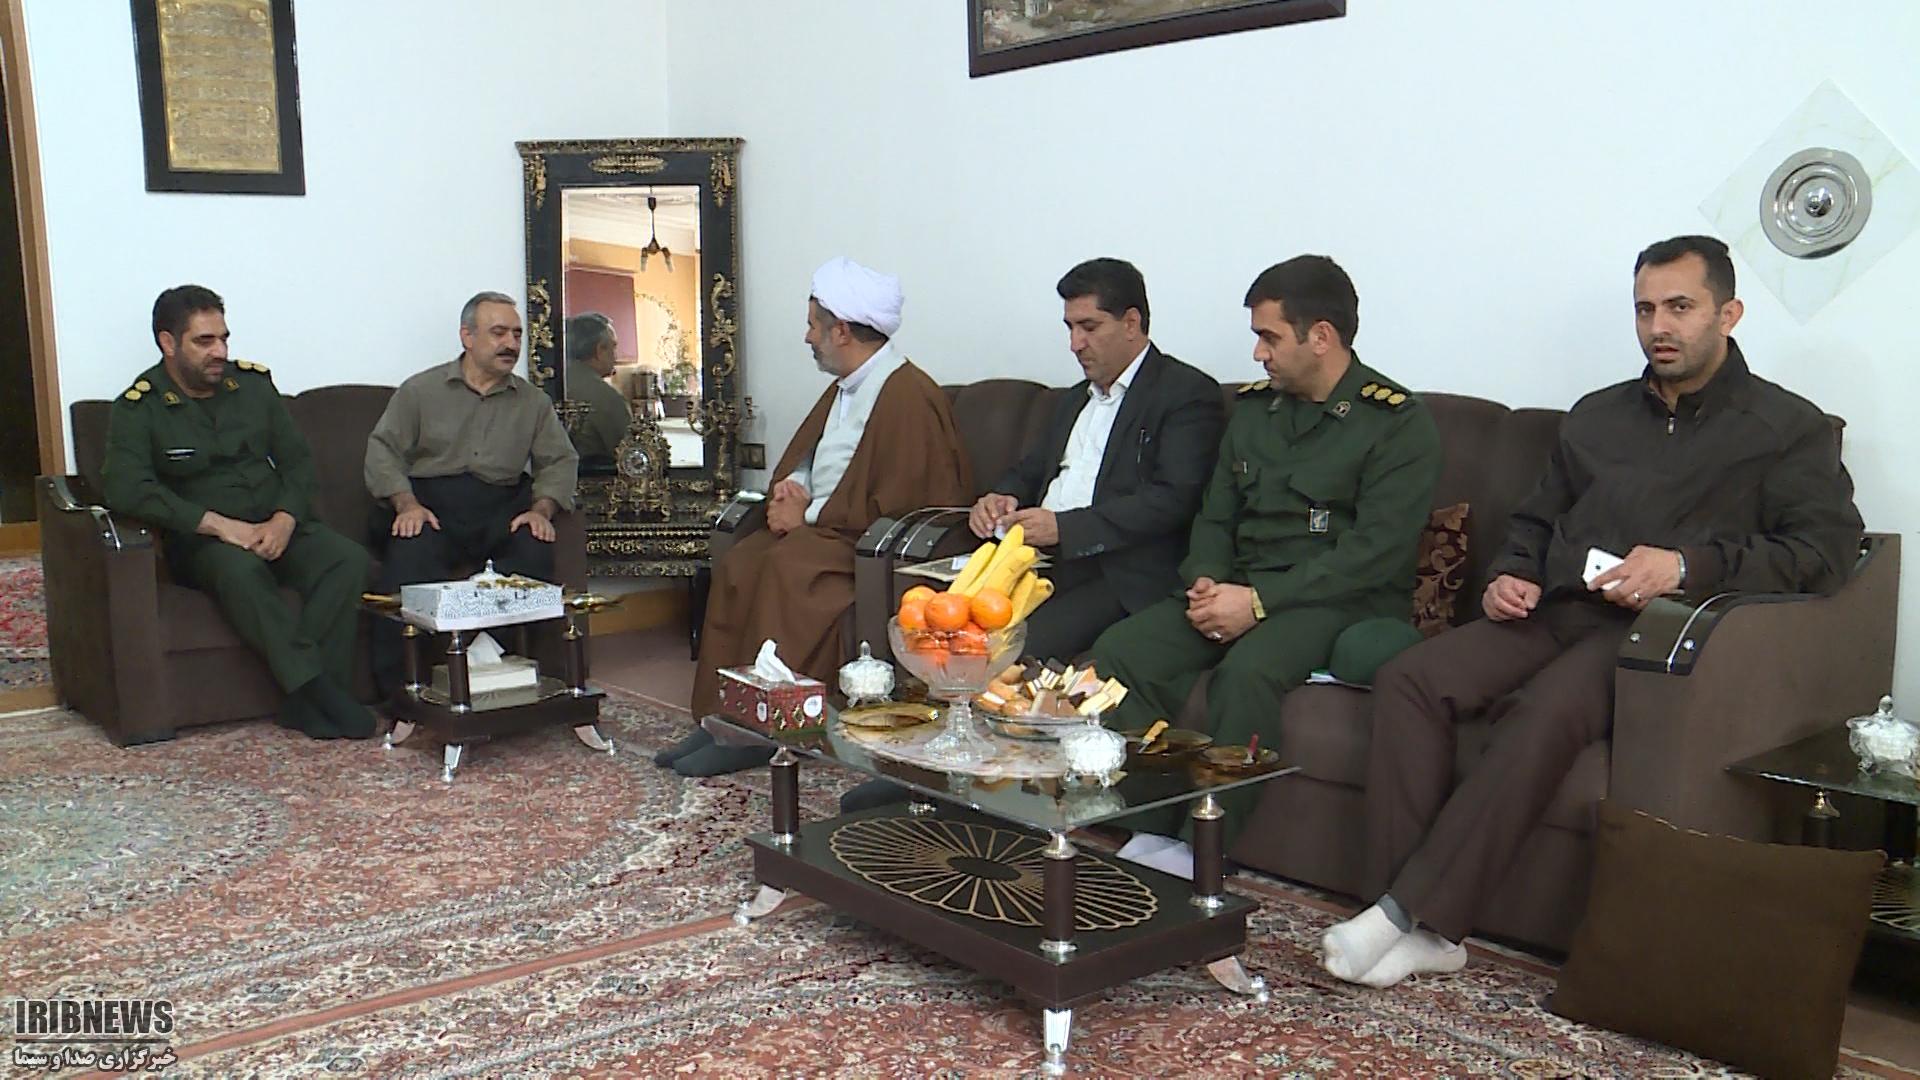 دیدار مسئولان سپاه مهاباد با دو جانباز دوران دفاع مقدس